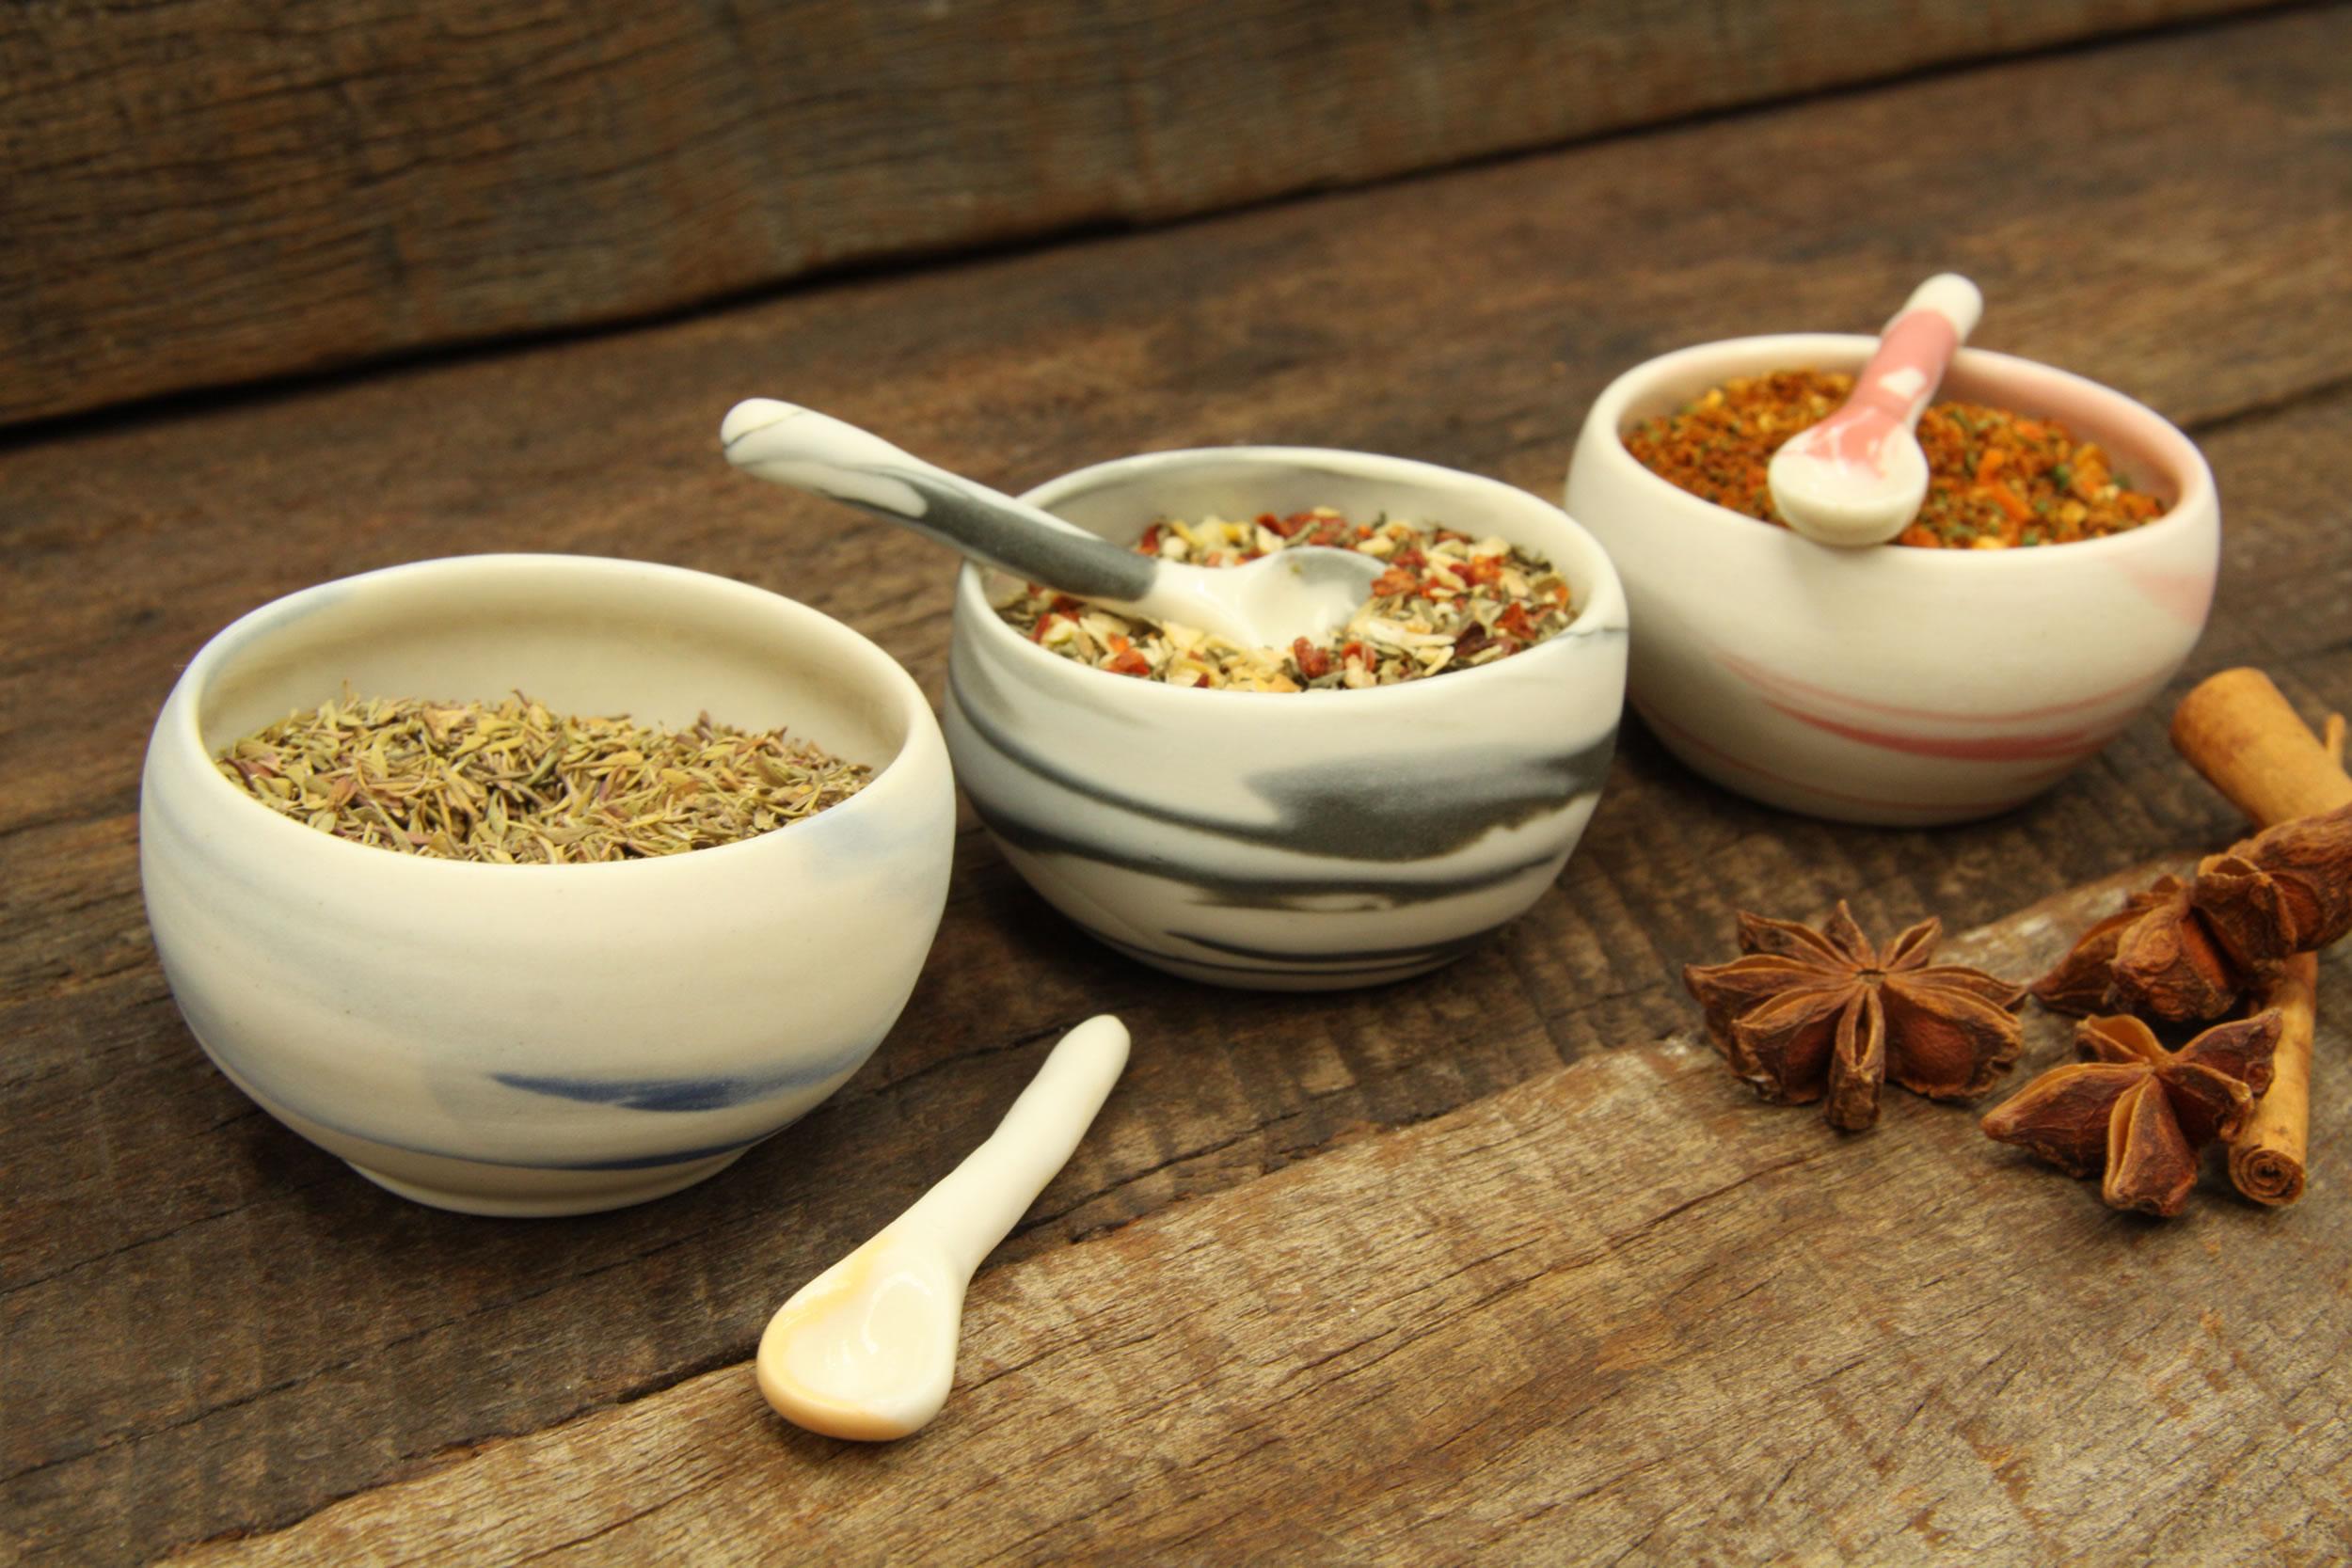 Spice Set- Mini vessels